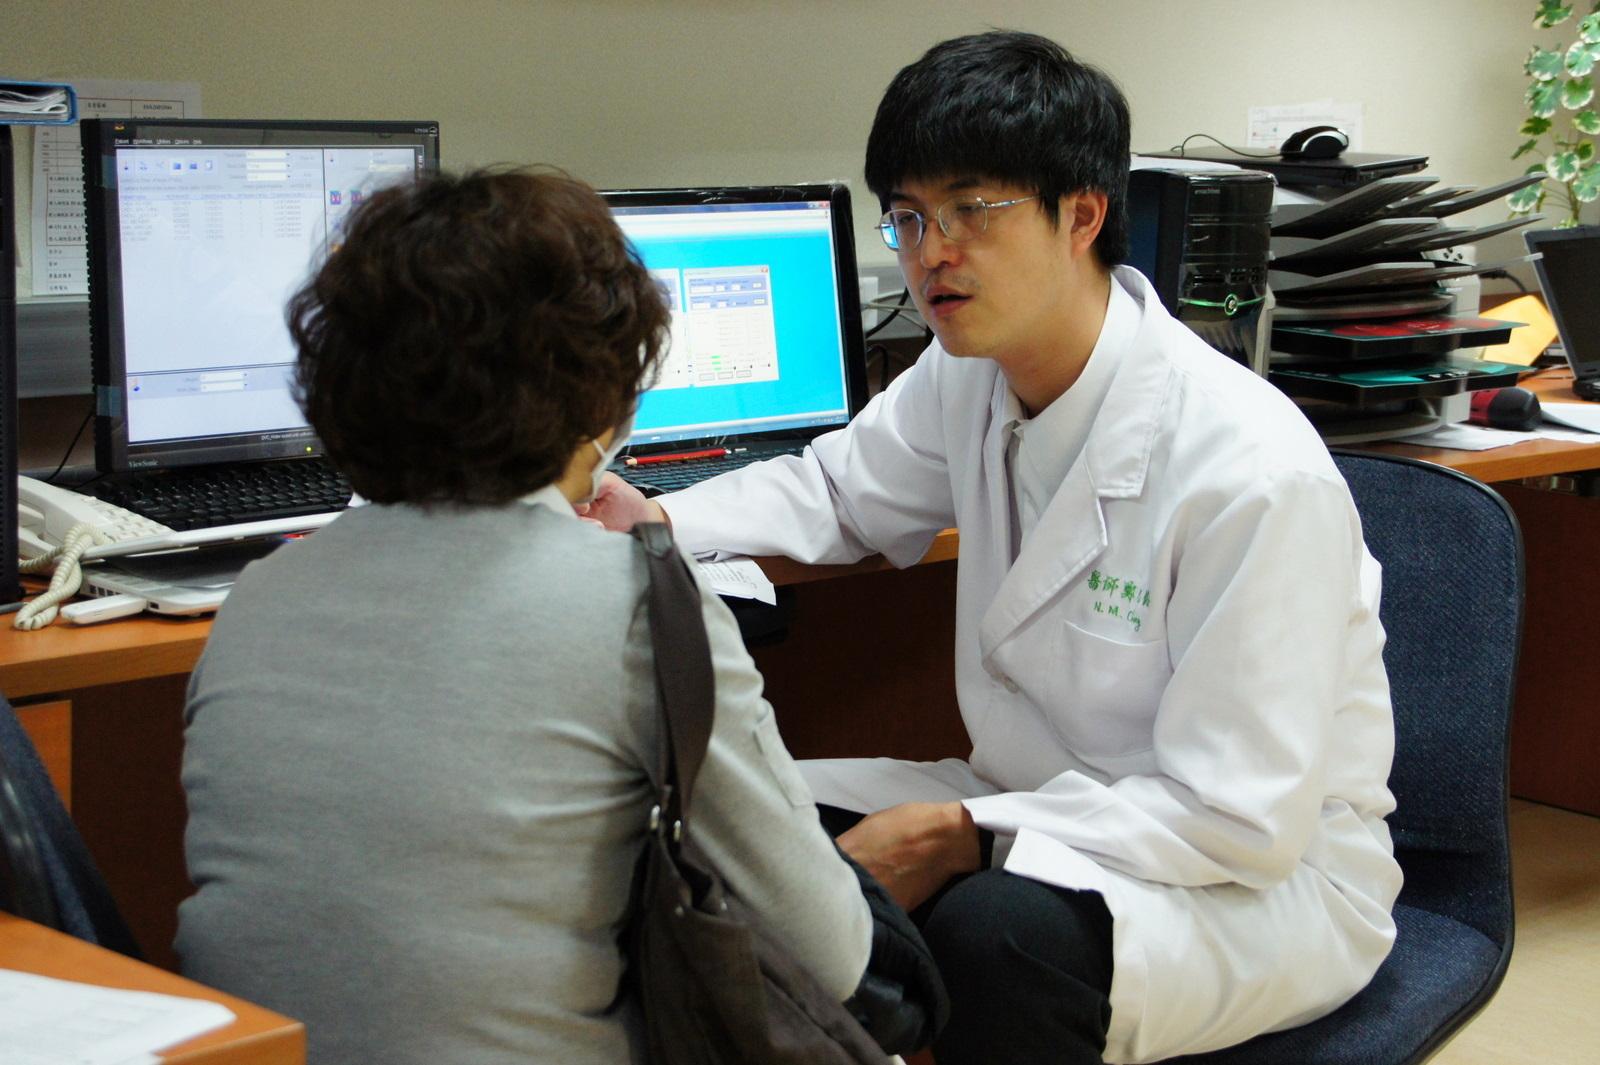 長庚分子影像 - 2009-02-23 請注意病患隱私